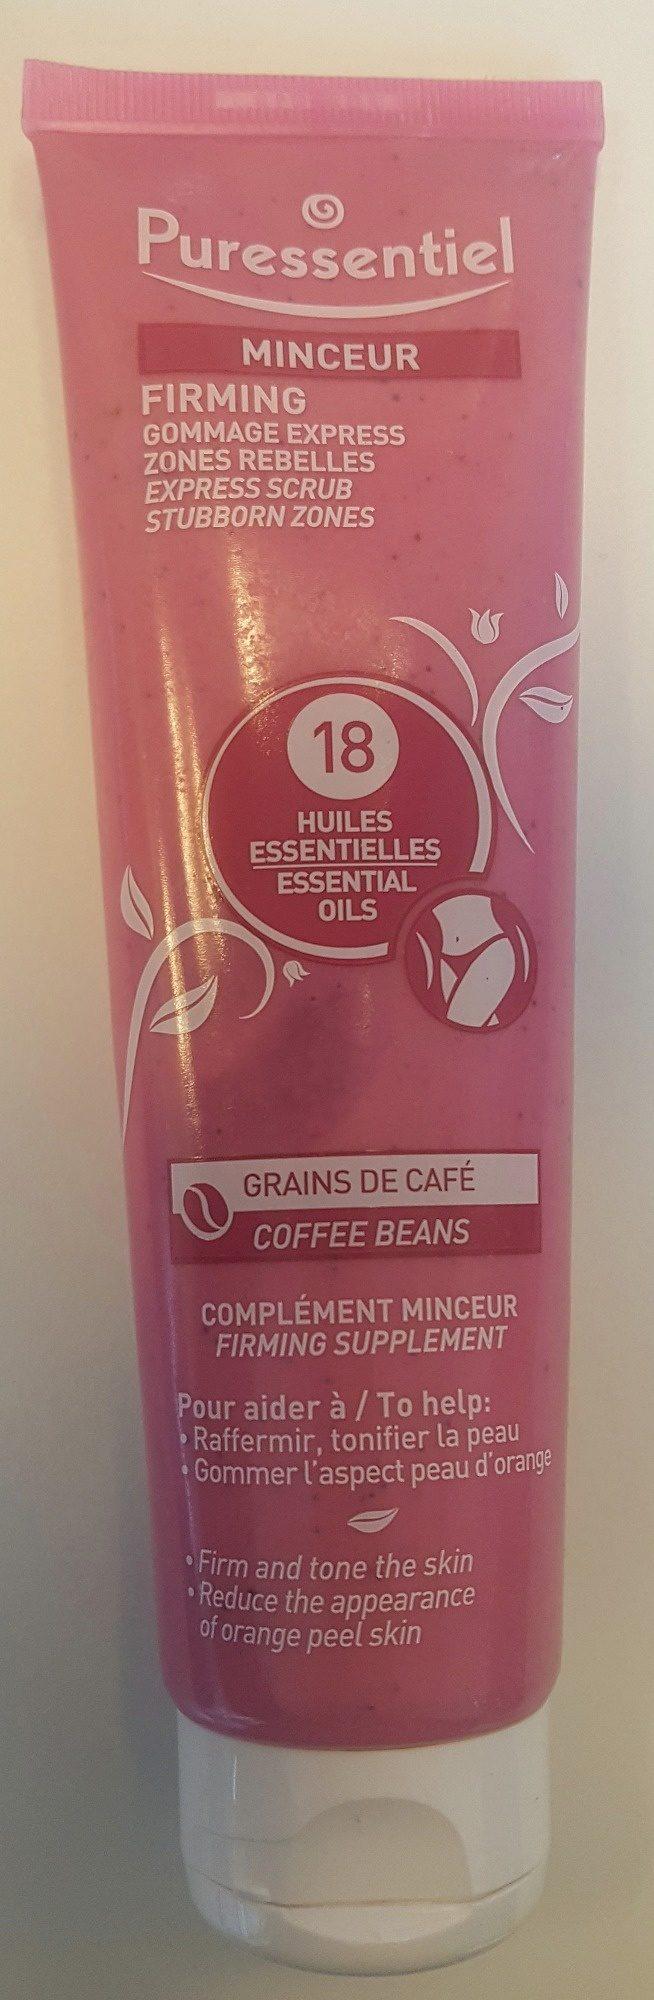 Puressentiel Minceur Gommage Express 18 huiles essentielles - Produit - fr